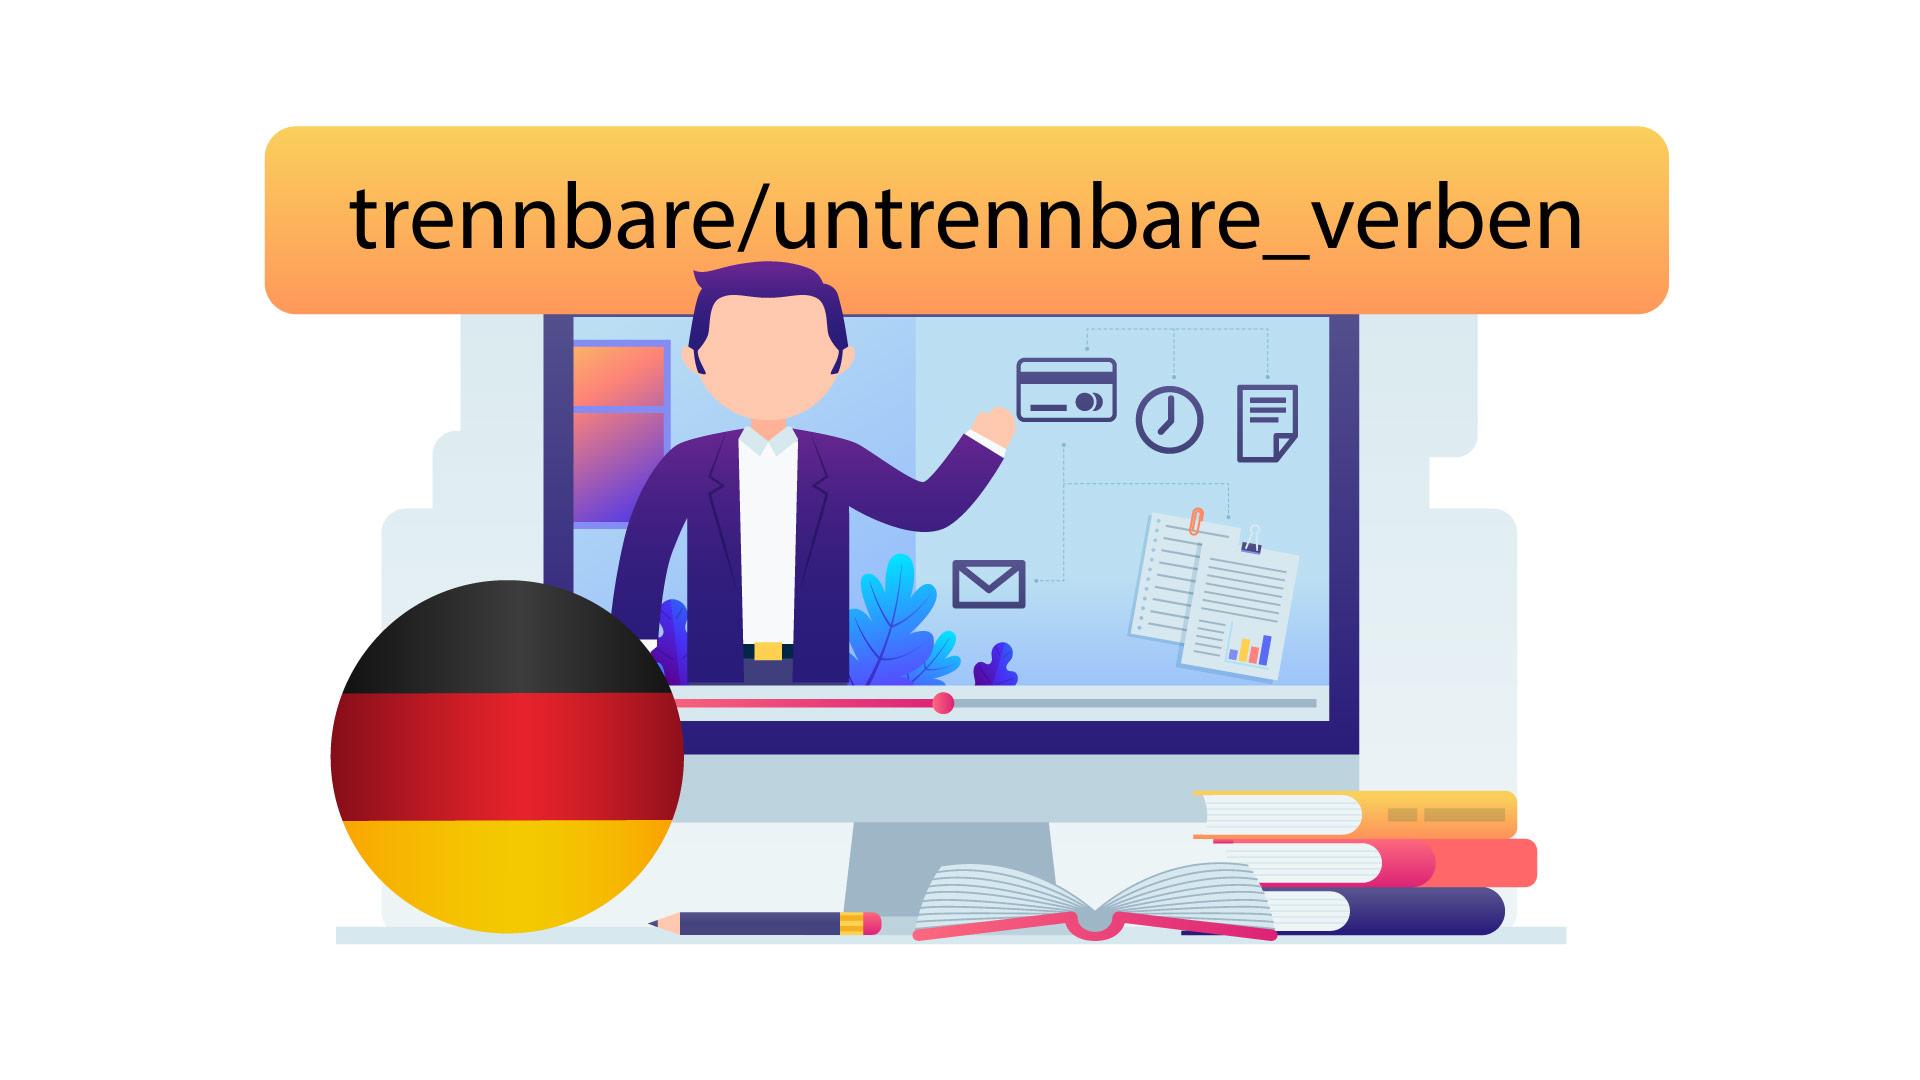 افعال جدا شدنی و جدا نشدنی در زبان آلمانی — آموزک [ویدیوی آموزشی]